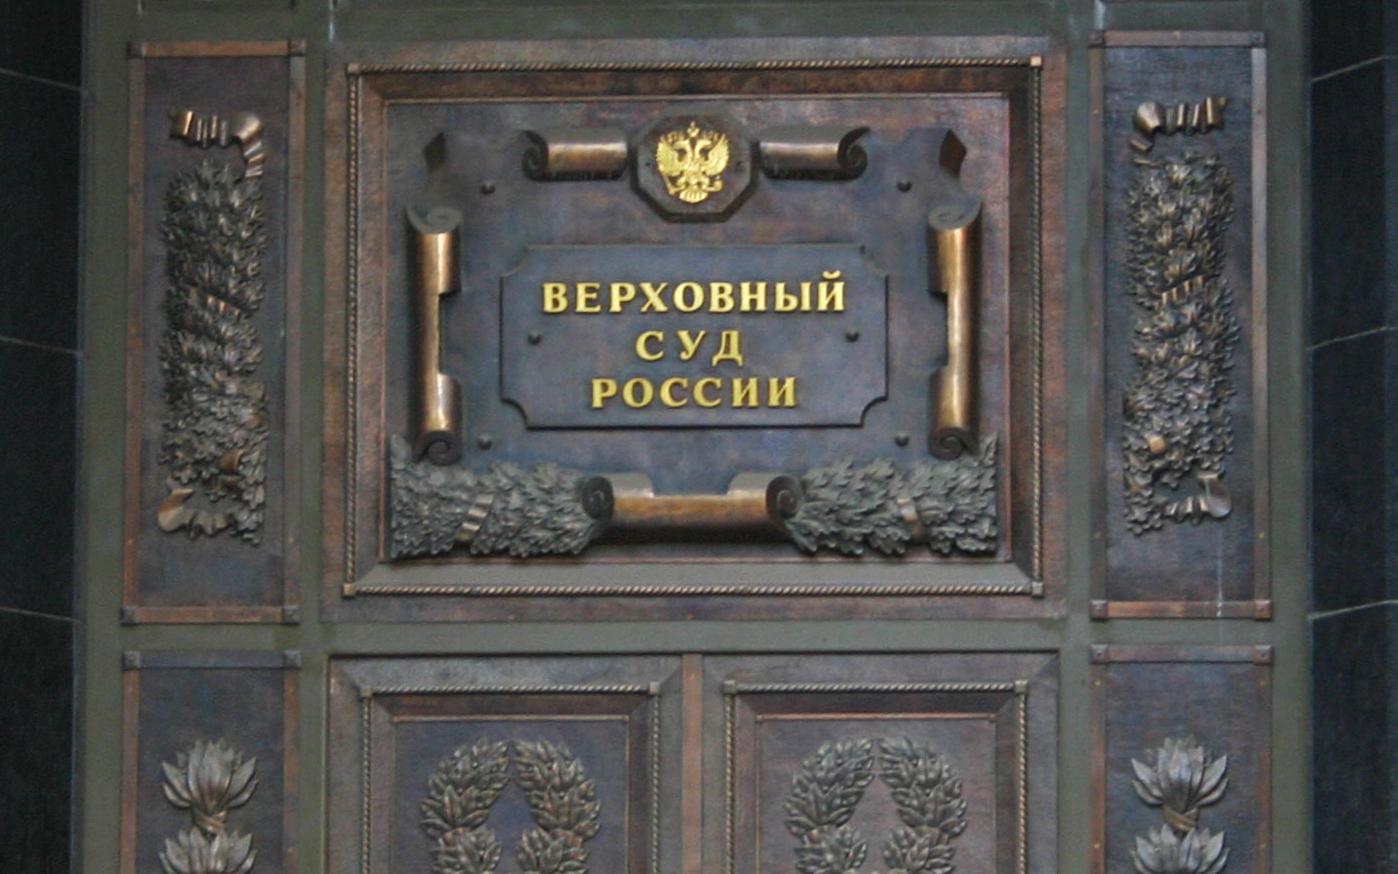 Постановление о присвоении почтового адреса